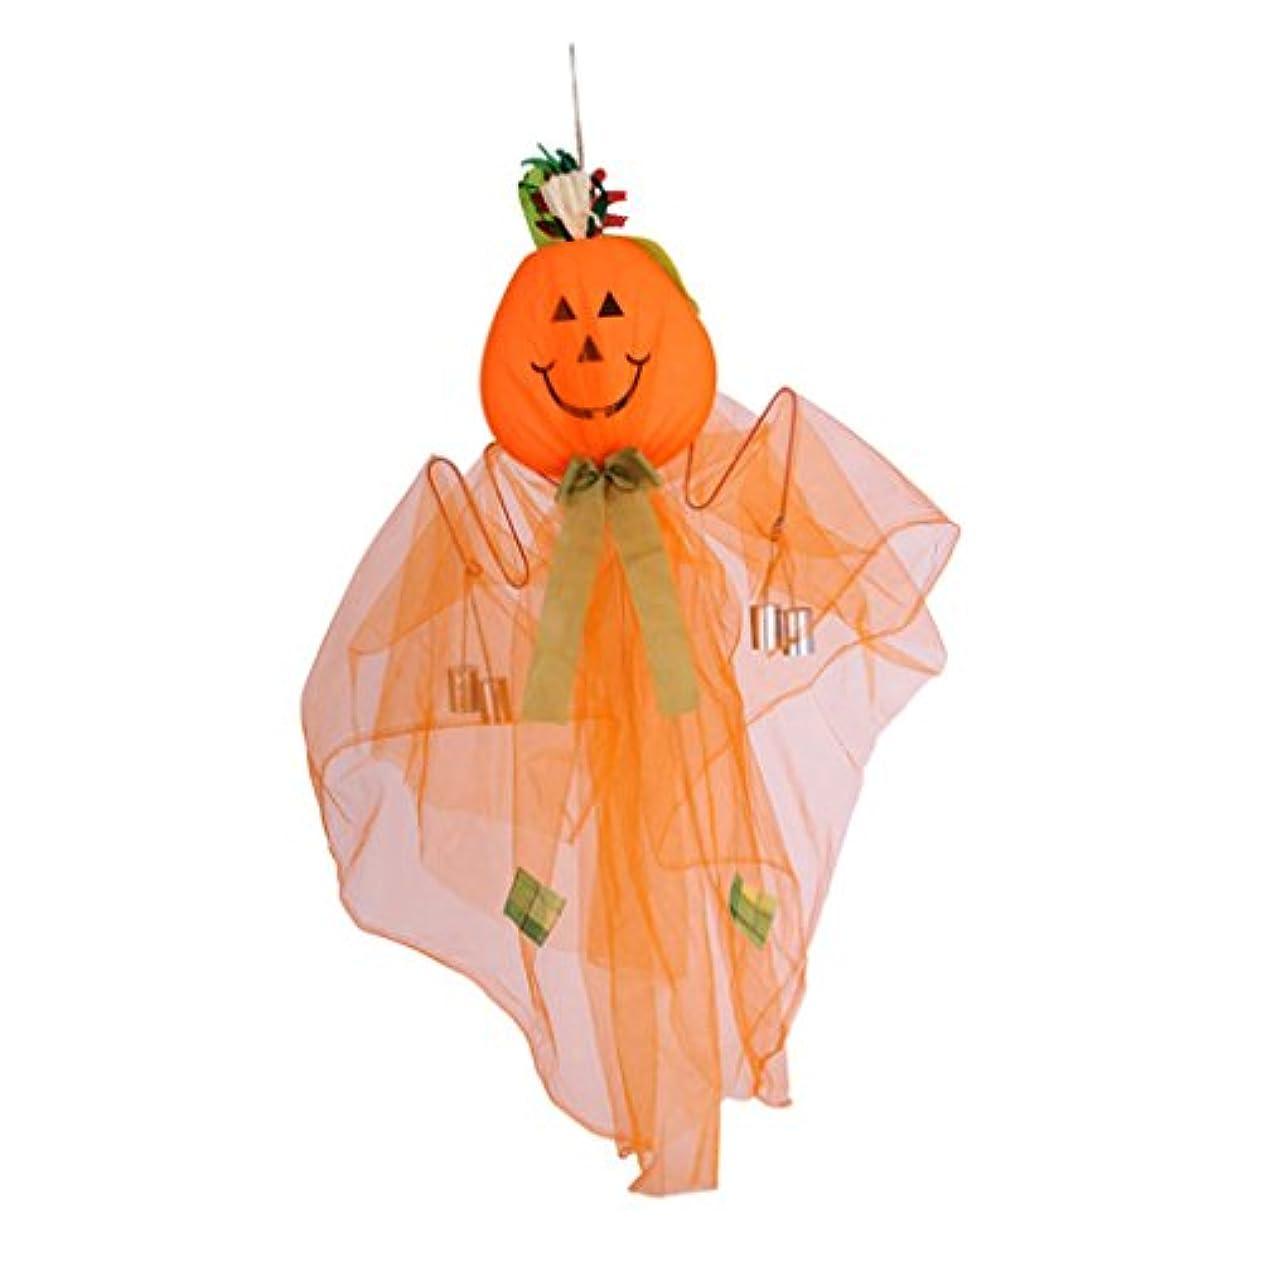 委託フィッティング荒野ハロウィーンの装飾カボチャの風鈴の装飾の小道具装飾的なハロウィーン用品 (Color : WHITE)